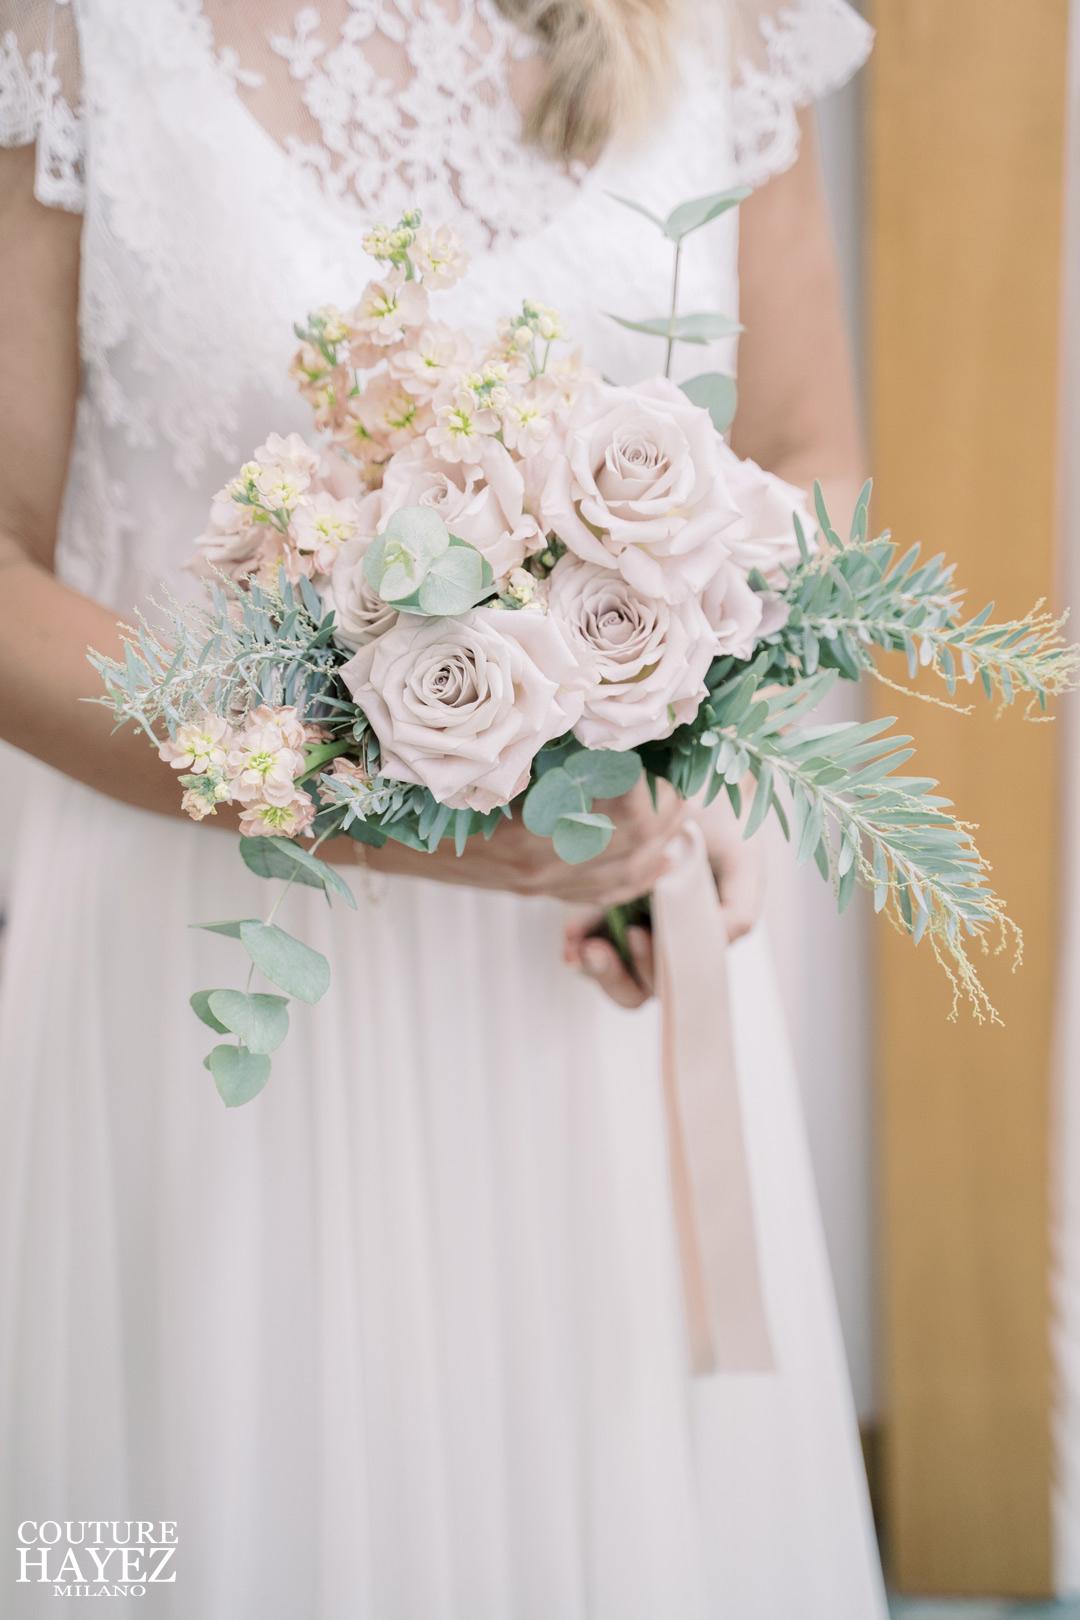 ispirazioni bouquet matrimonio primavera estate, Rose quick sand, viola ciocca apricòt, ramoscelli di cinerea e di mimosa